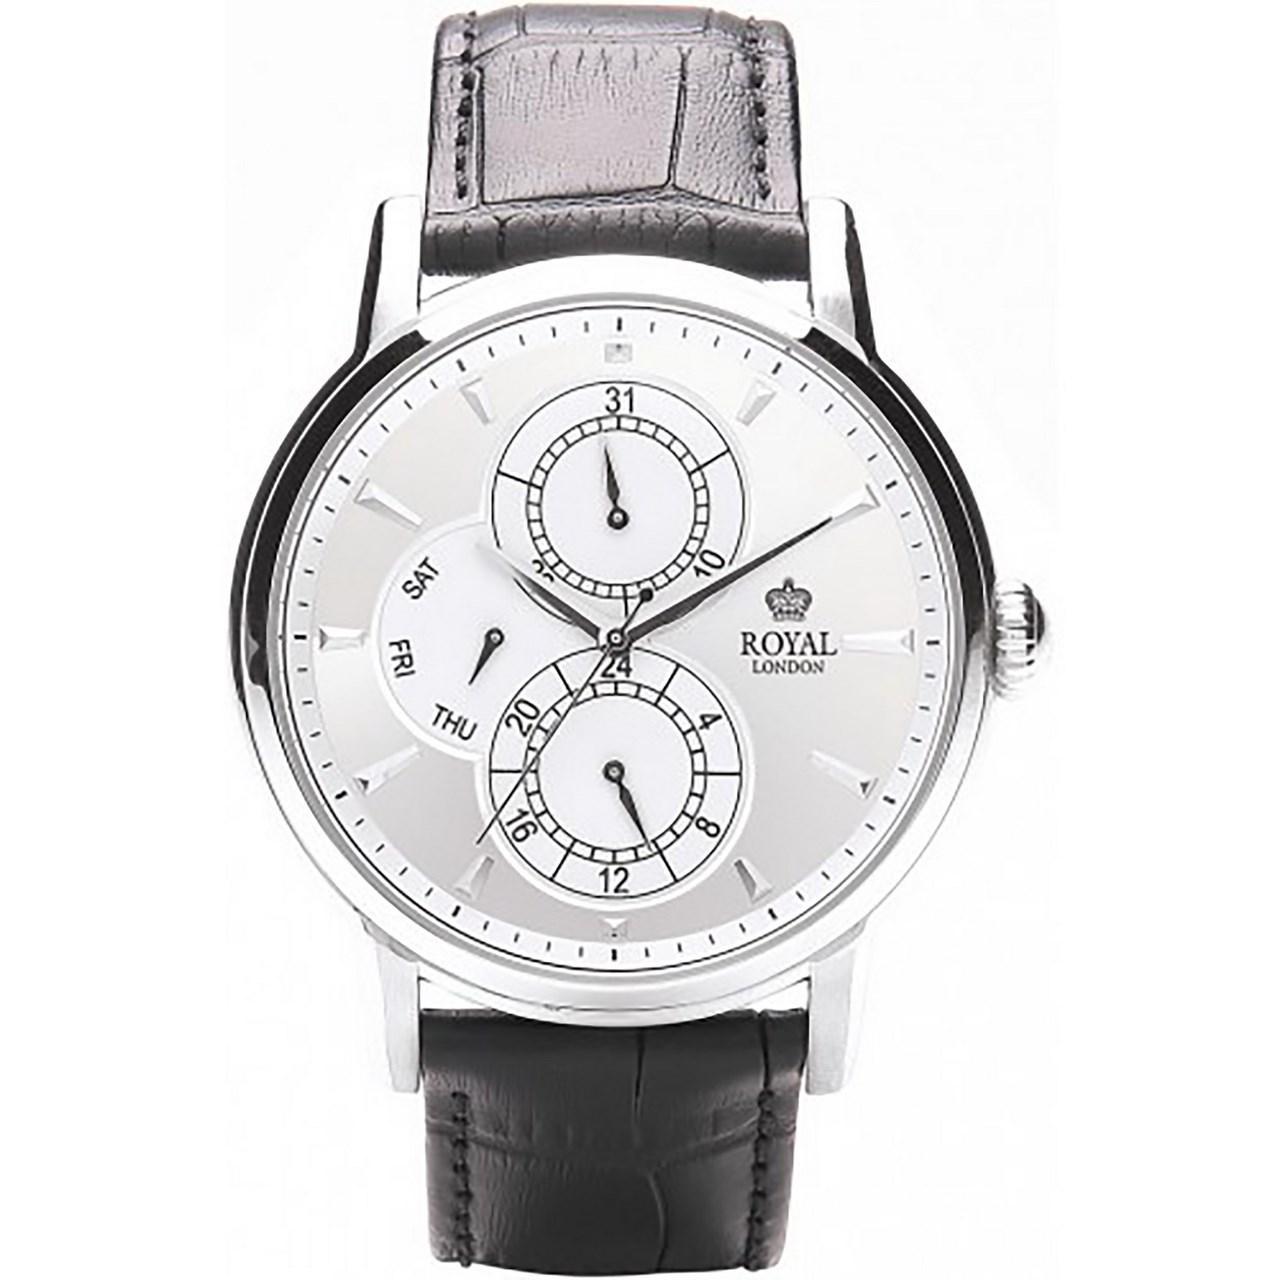 ساعت مچی عقربه ای مردانه رویال لندن مدل RL-41040-01 45